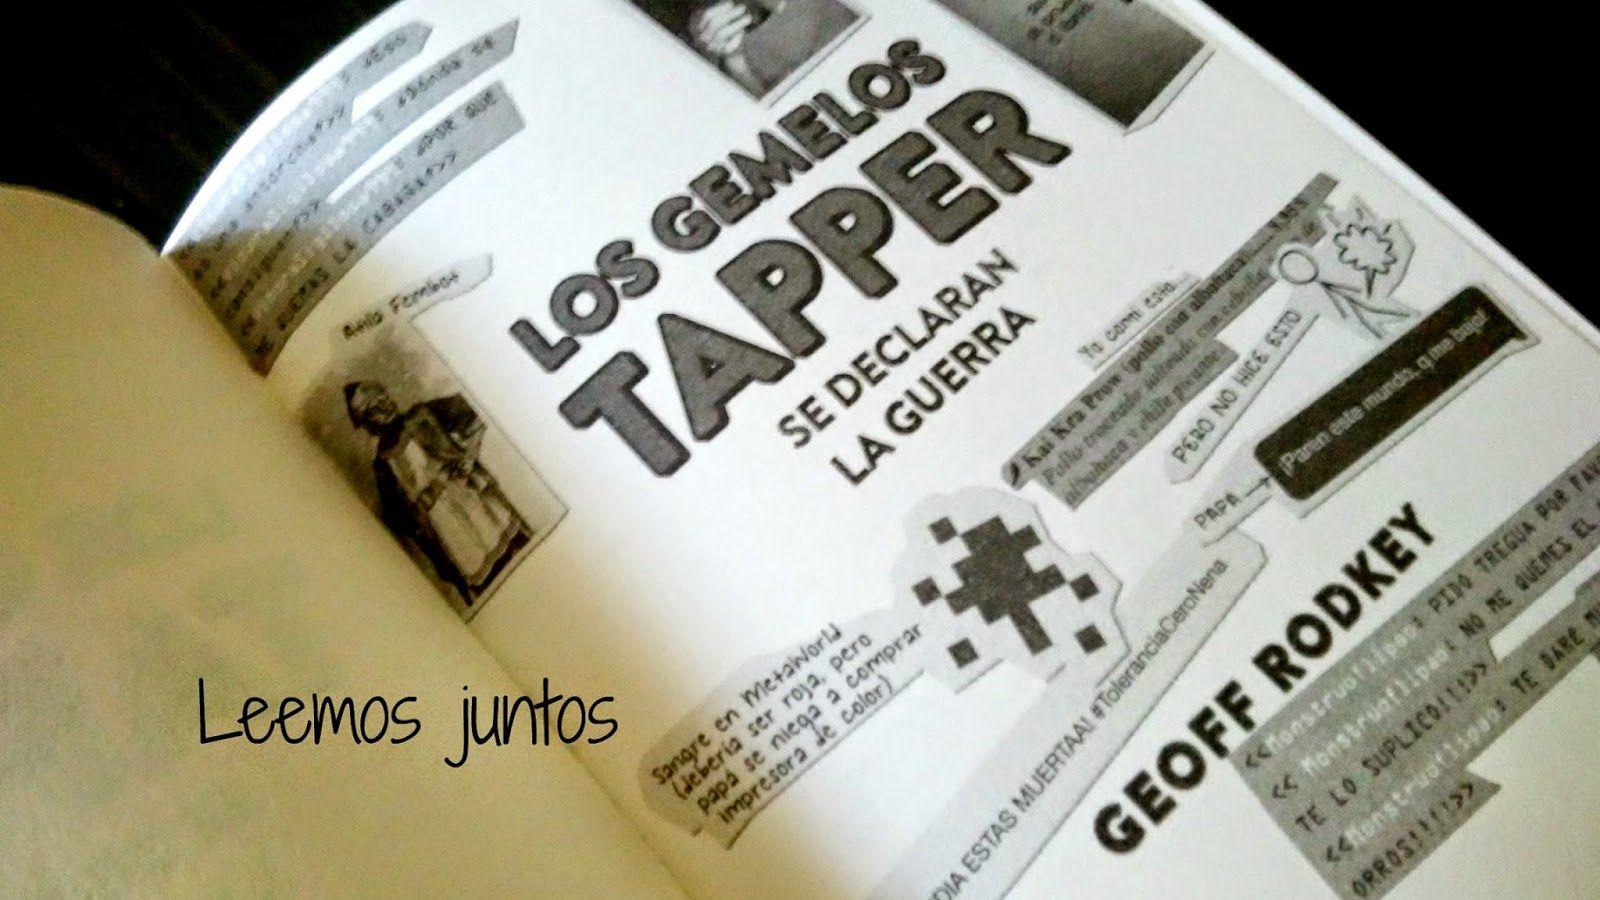 """""""Los Gemelos Tapper"""" de Geof Rodkey han aterrizado en casa, nos estamos leyendo sus aventuras y sus peripecias.. ¡¡madre mía que dos!!"""